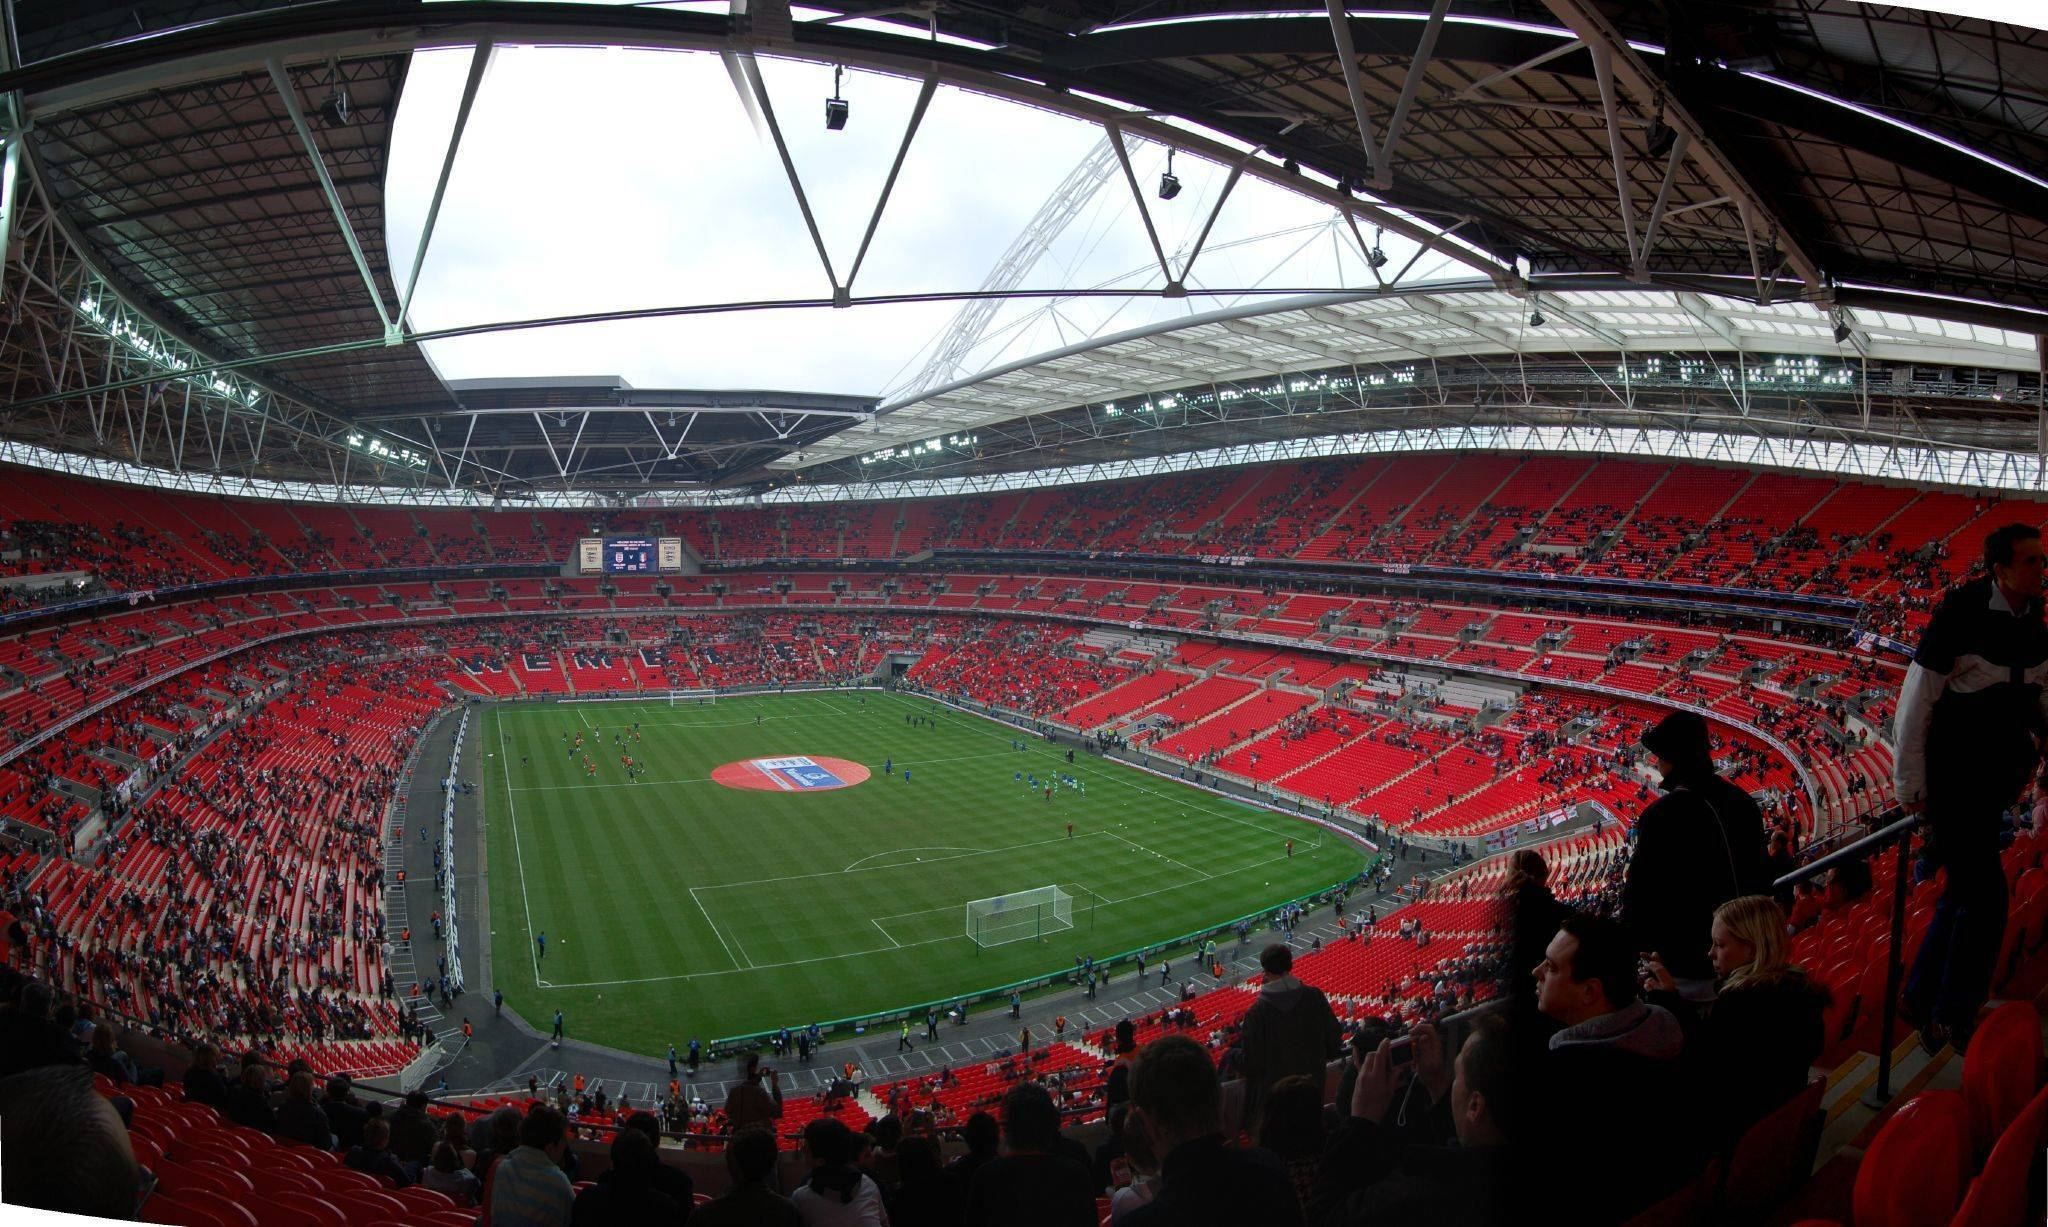 Топ-10 стадионов англии